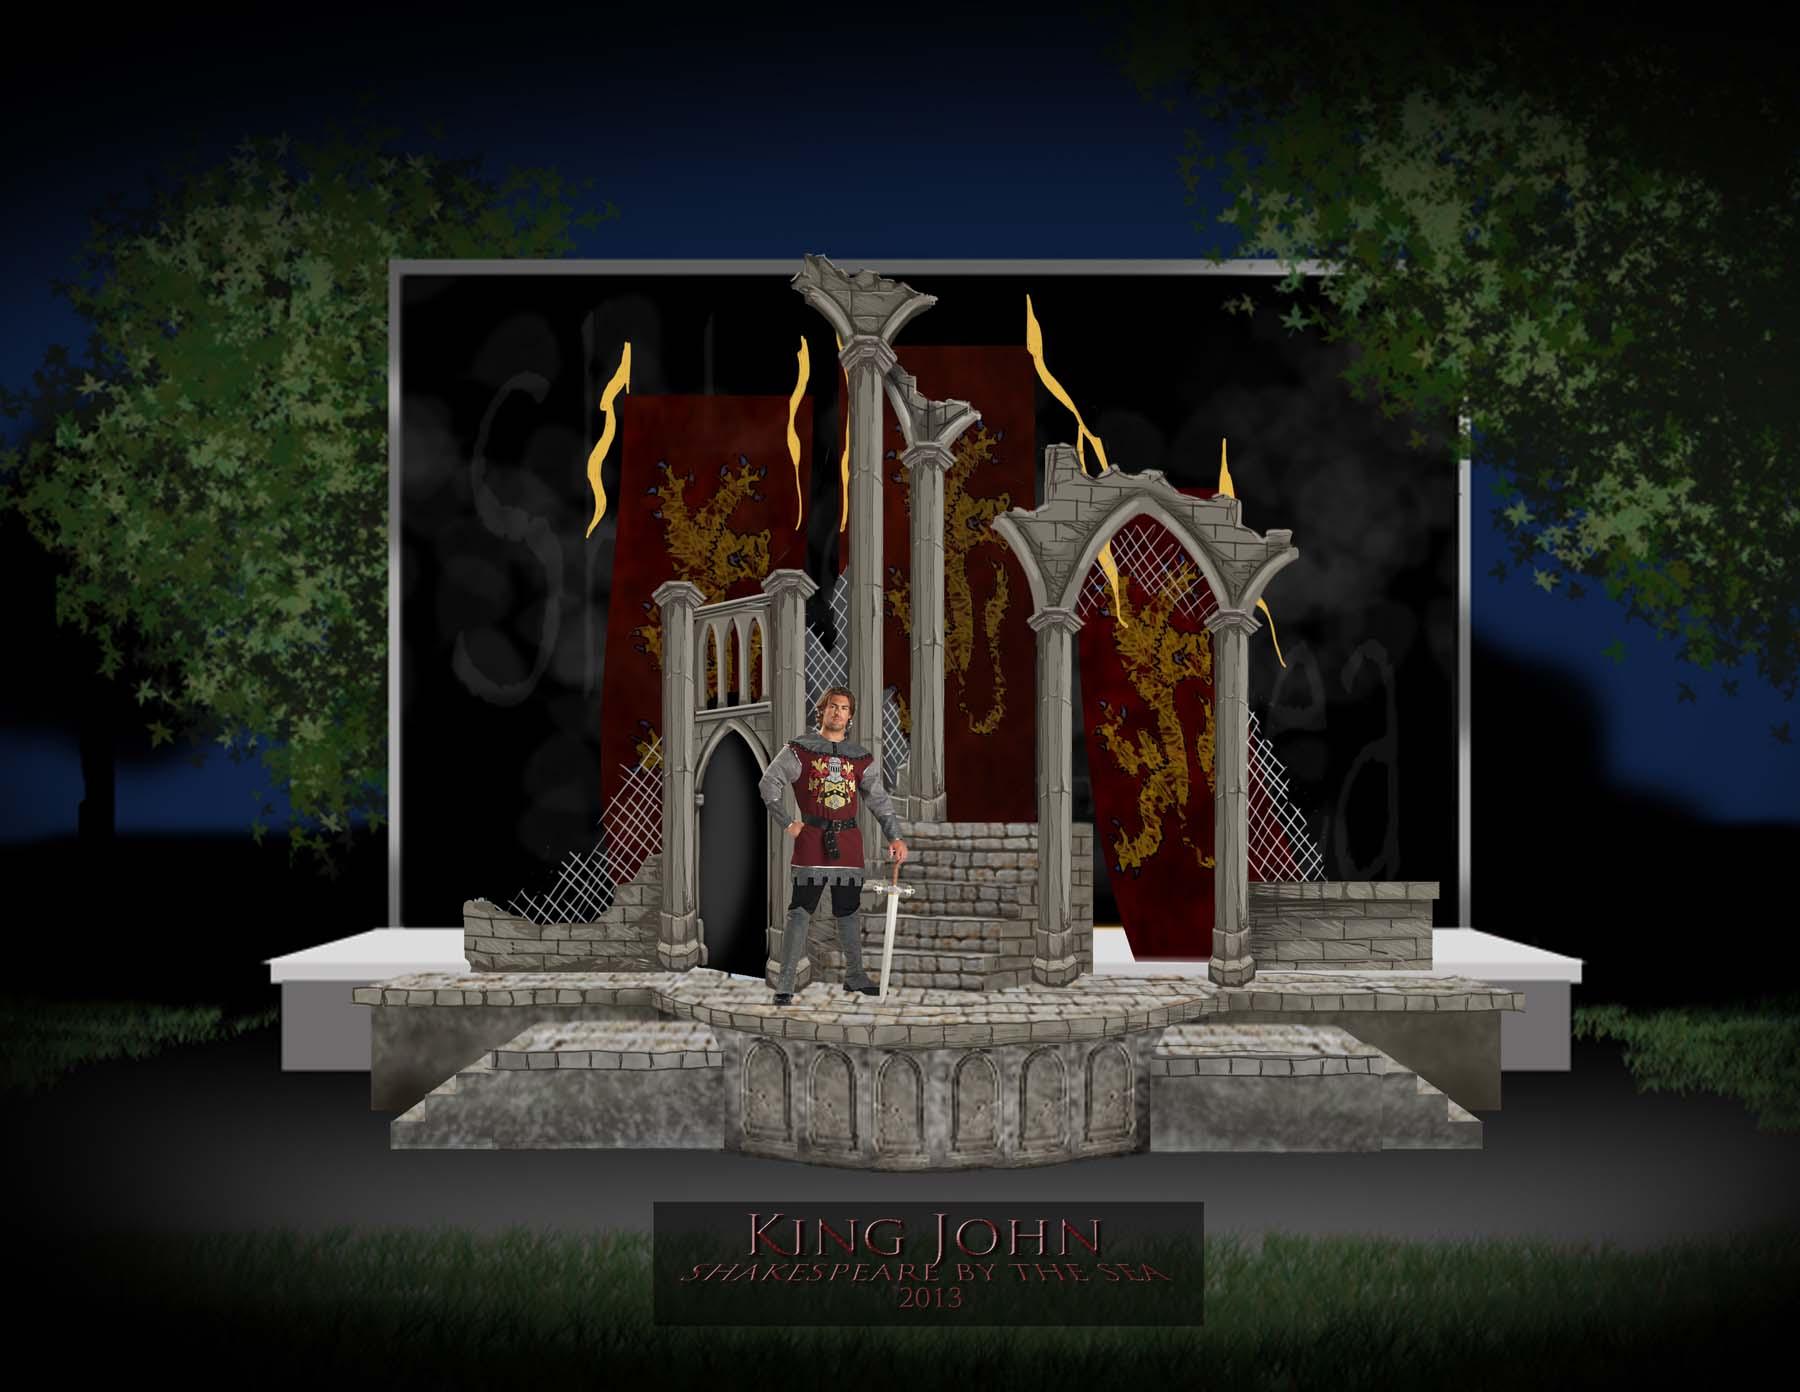 KingJohn Set Design 2013.jpg